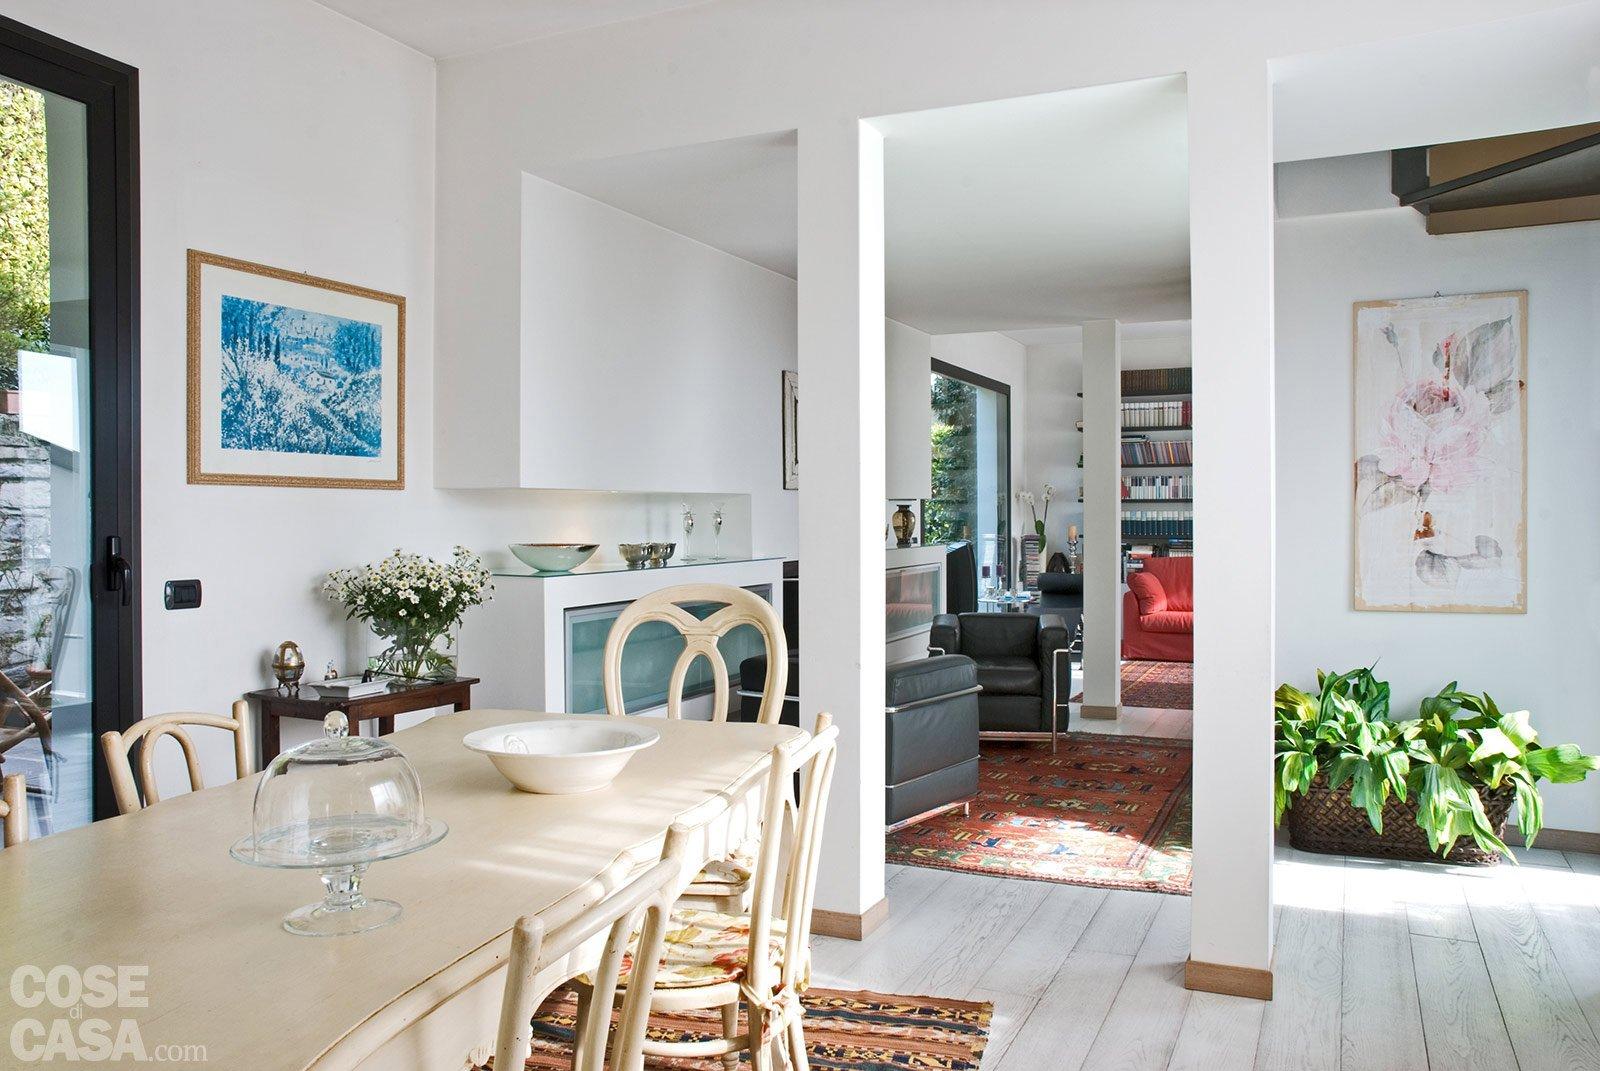 La casa di 60 mq raddoppia sfruttando il sottotetto - Cose di Casa